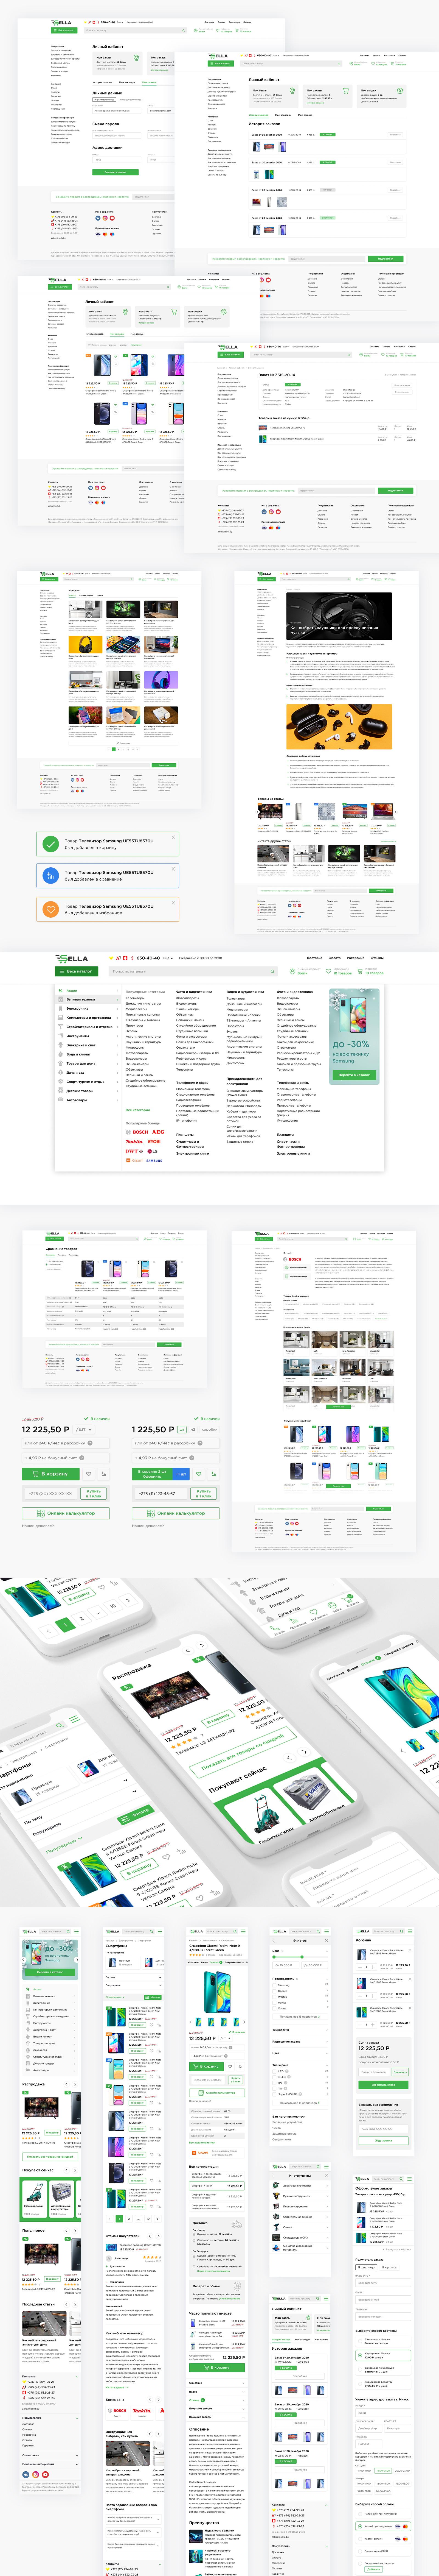 Онлайн-гипермаркет товаров для дома